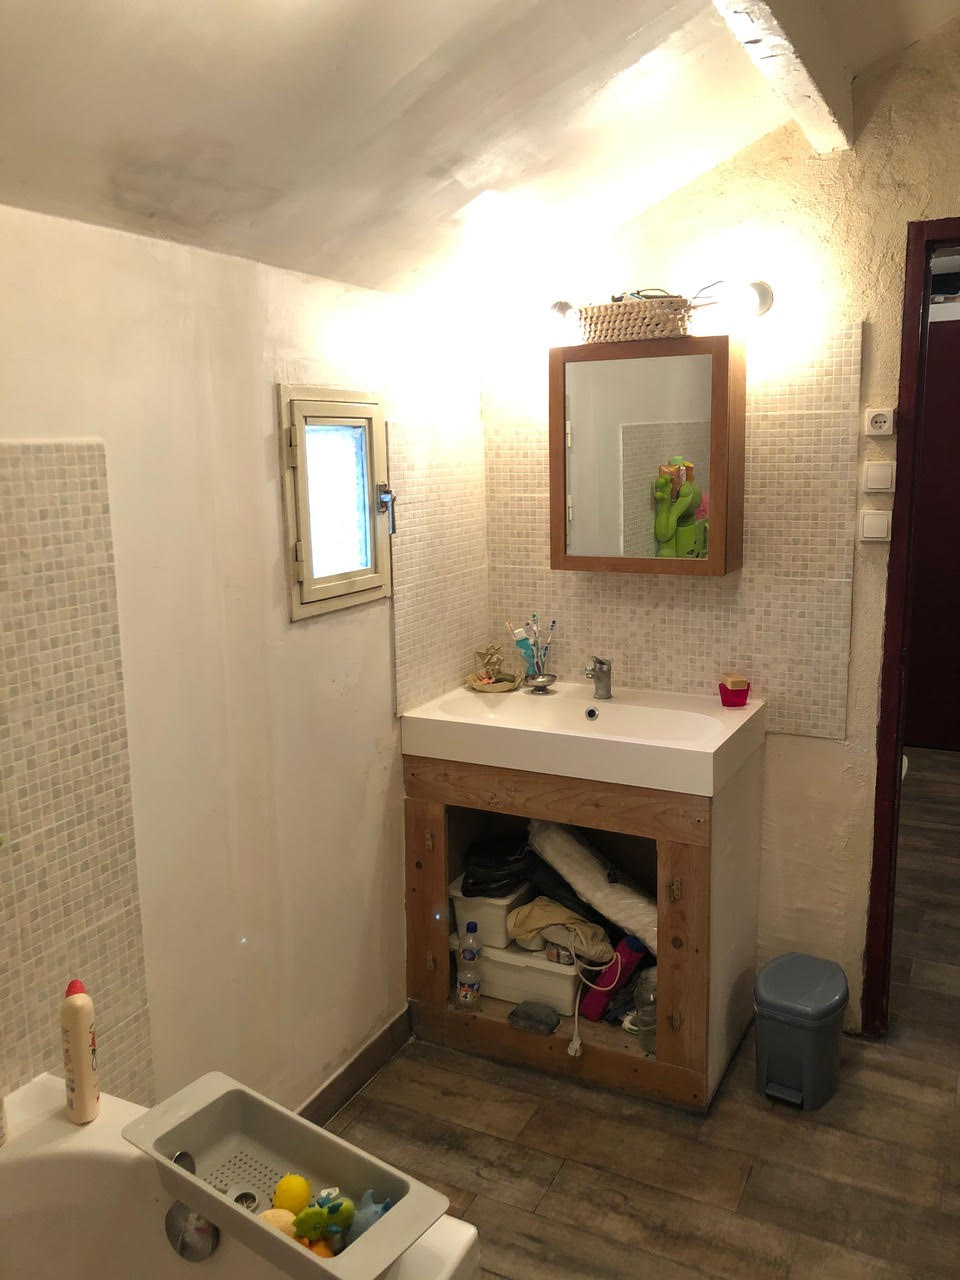 Aménagement intérieur et décoration d'une maison des années 50  - Arles - sdb